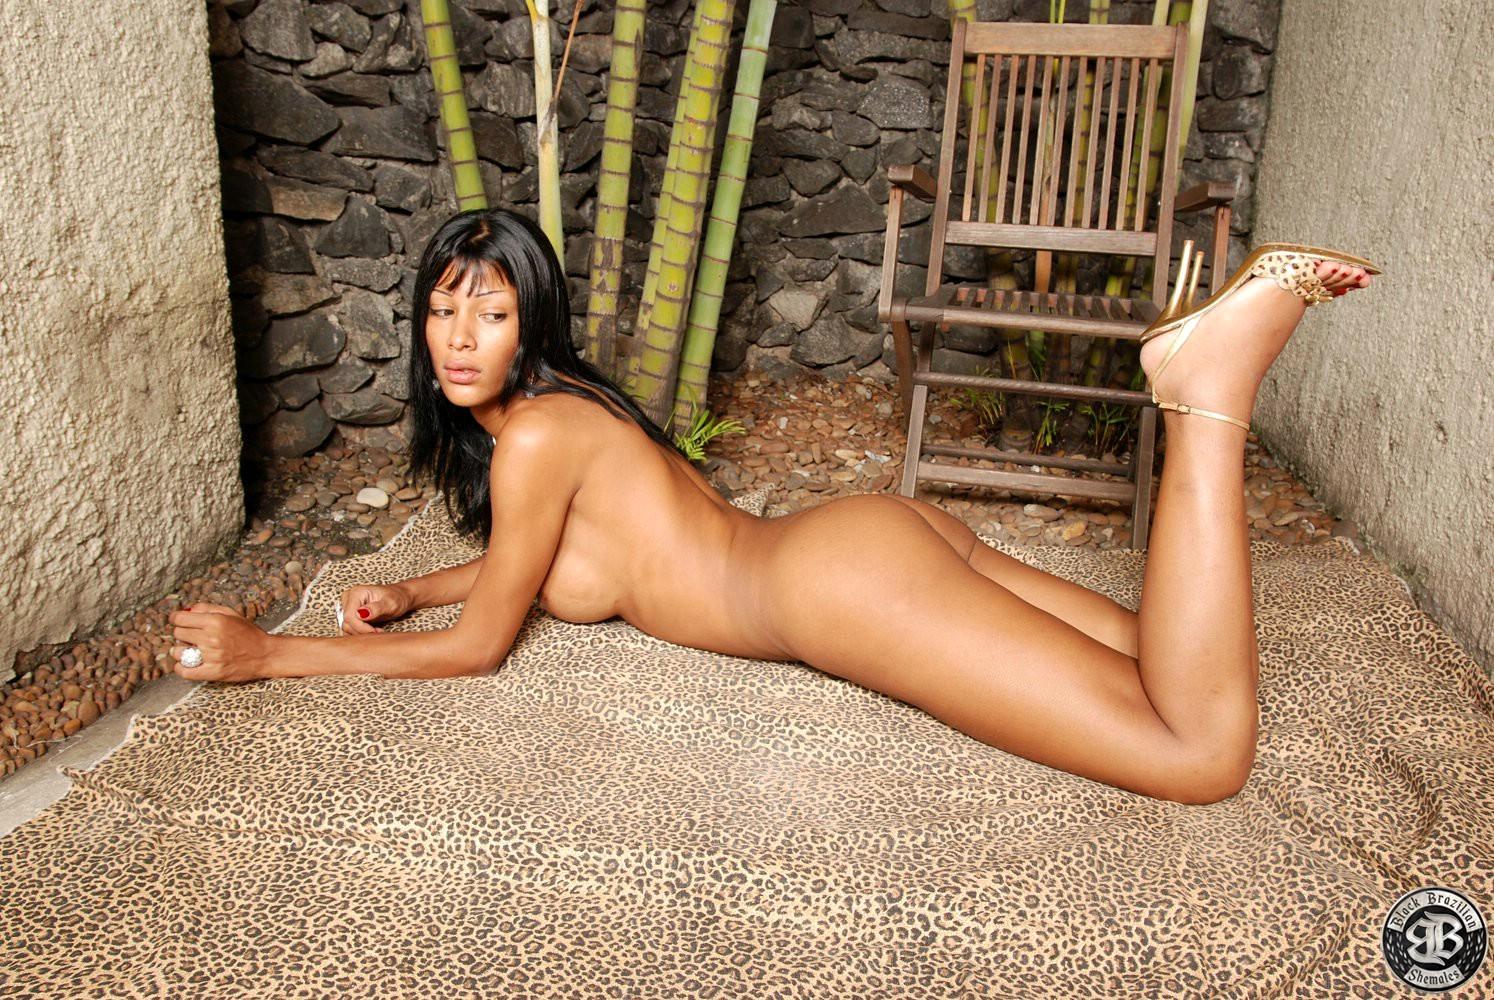 Dazzling Ladyboy Miriany Performing Naked